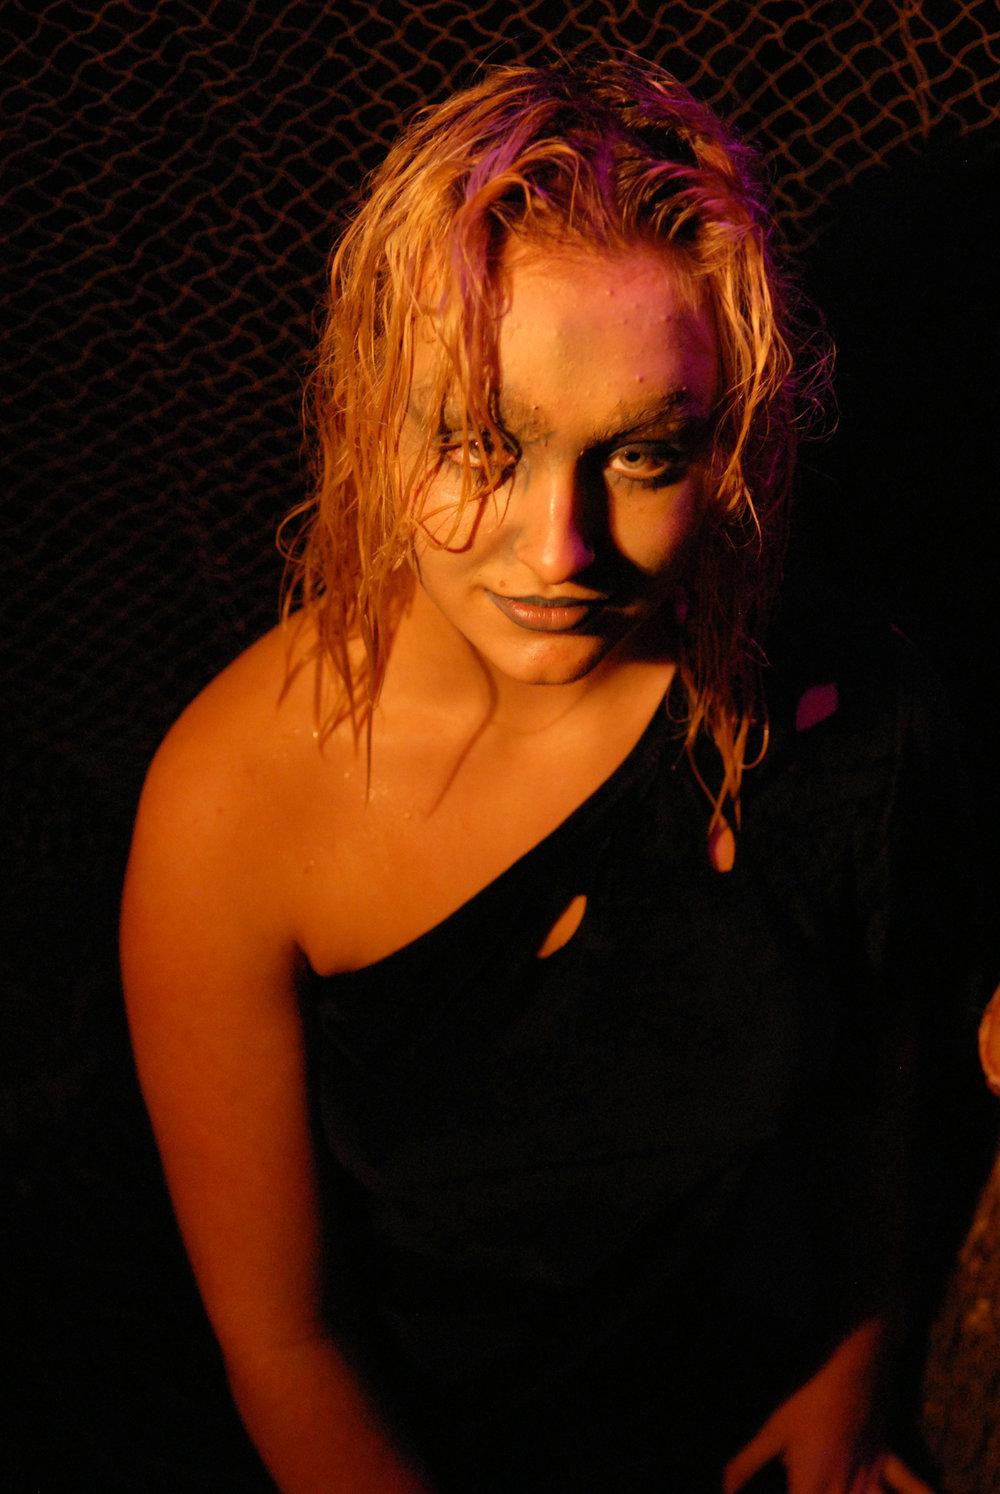 Mikayla Boyle as Lorelei